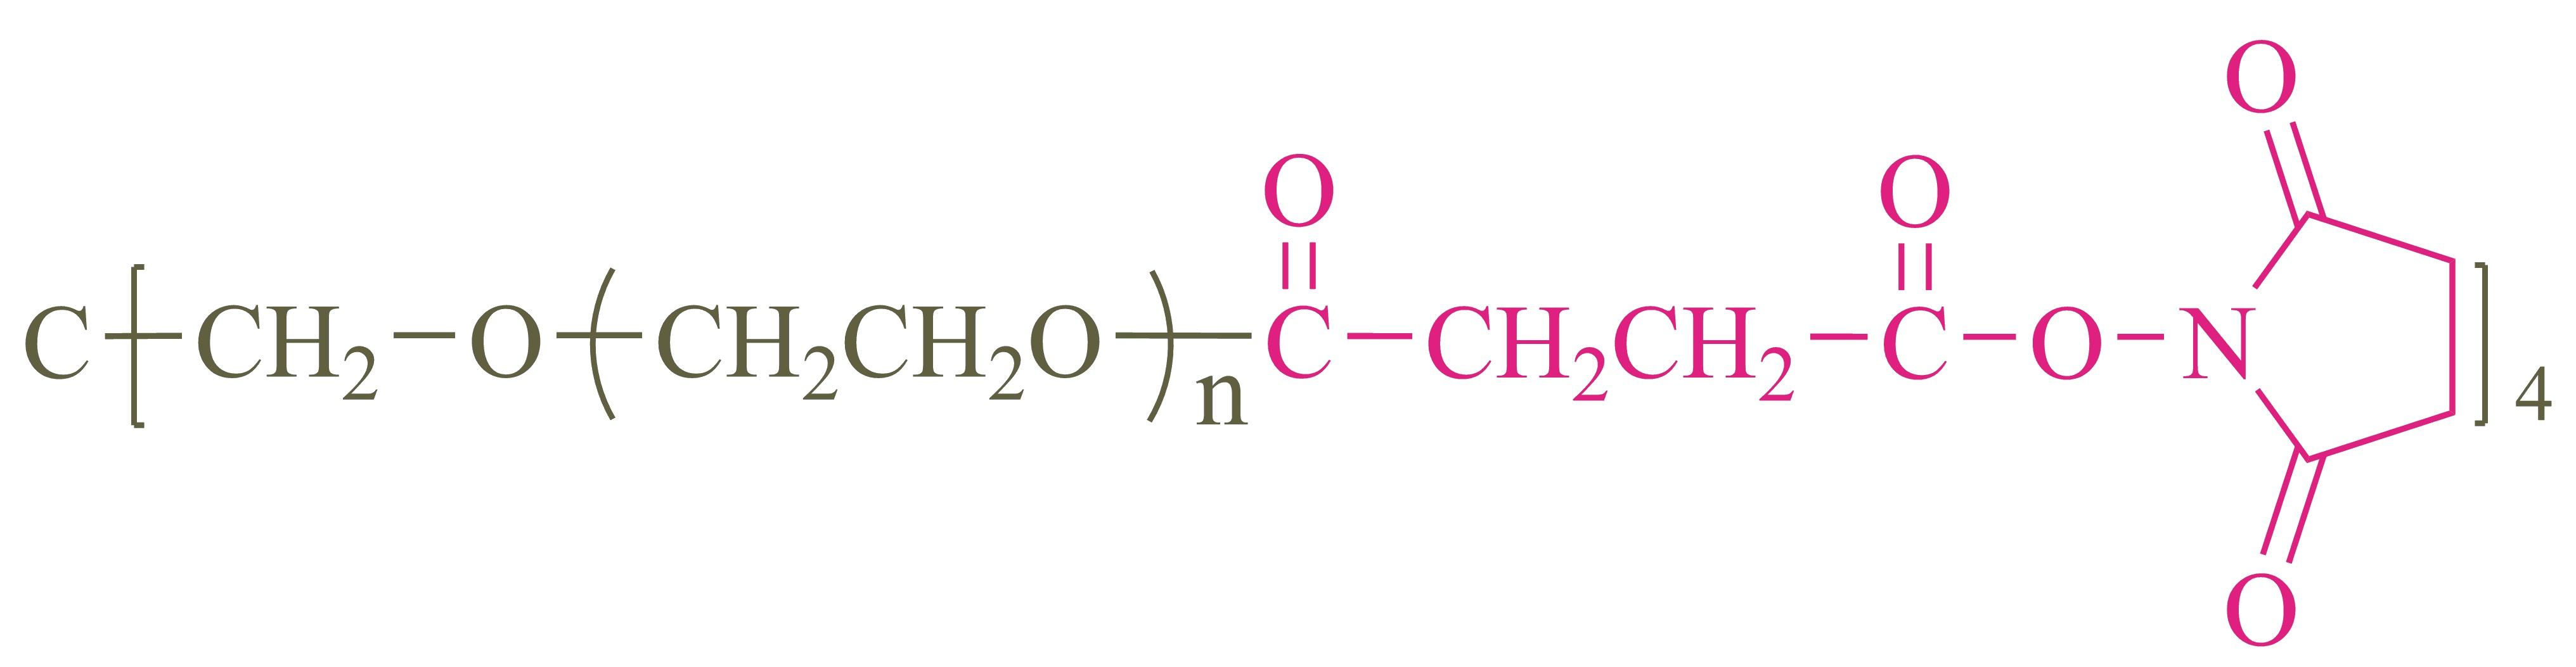 四臂聚乙二醇琥珀酰亚胺琥珀酸酯(酯键)(4-arm PEG-SS);4-arm Poly(ethylene glycol) succinimidyl succinate